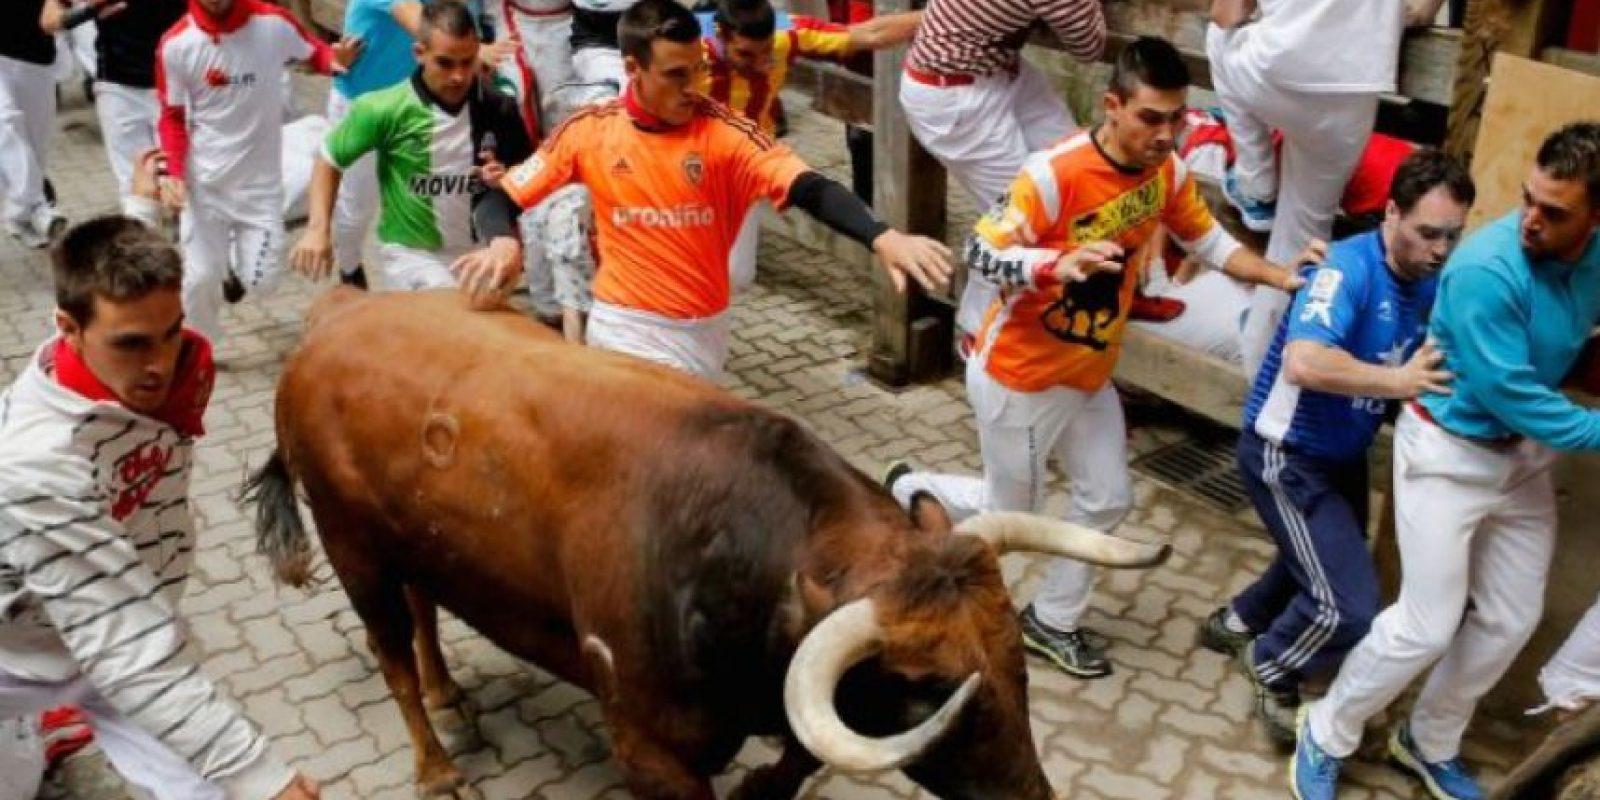 El Consejo Metropolitano de Quito en Ecuador evalúa una medida para prohibir espectáculos en los que se matan animales. Foto:vía Getty Images